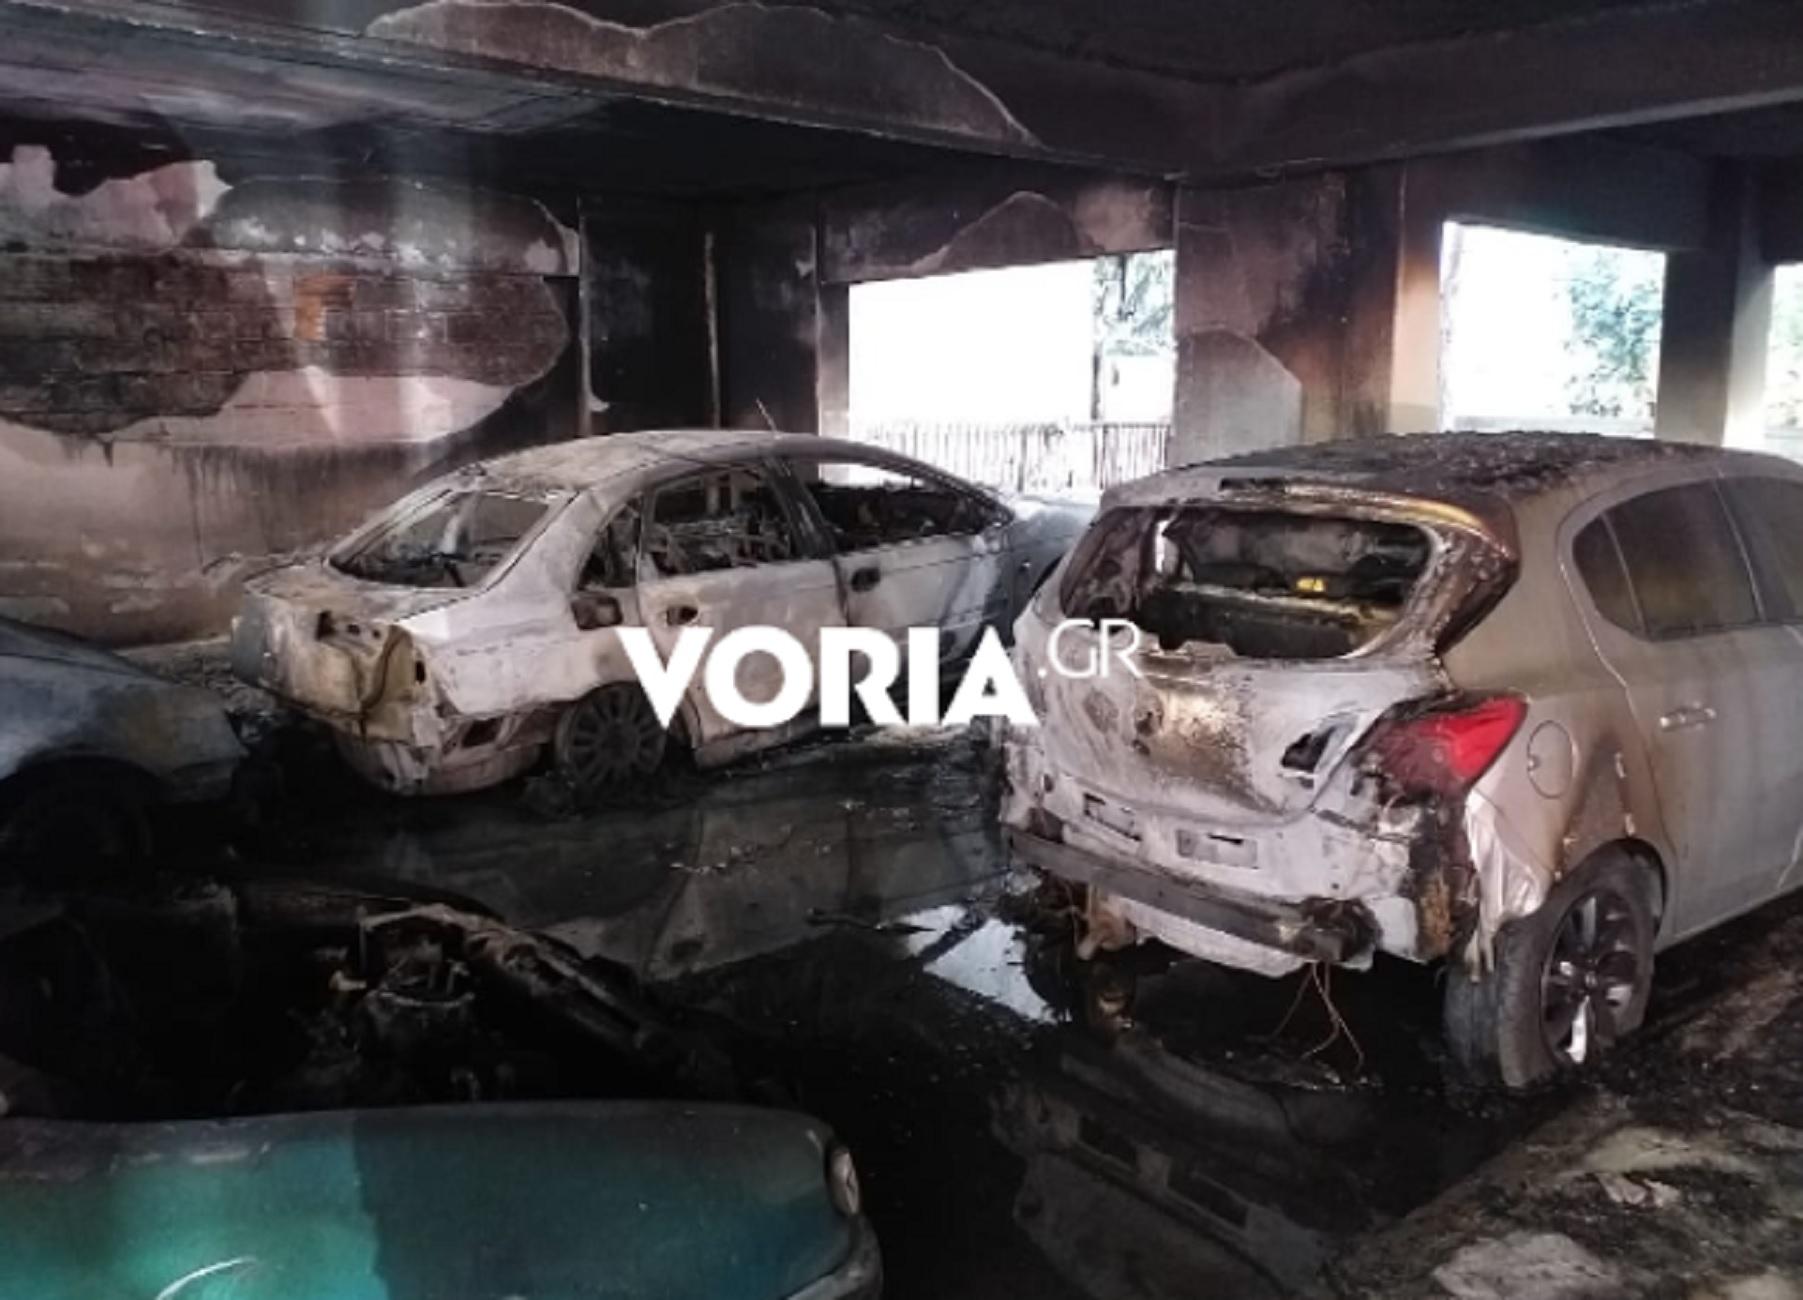 Θεσσαλονίκη: «Θα καιγόμασταν όλοι ζωντανοί» – Νέες εικόνες και συγκλονιστικές μαρτυρίες ενοίκων της φλεγόμενης πολυκατοικίας (video)